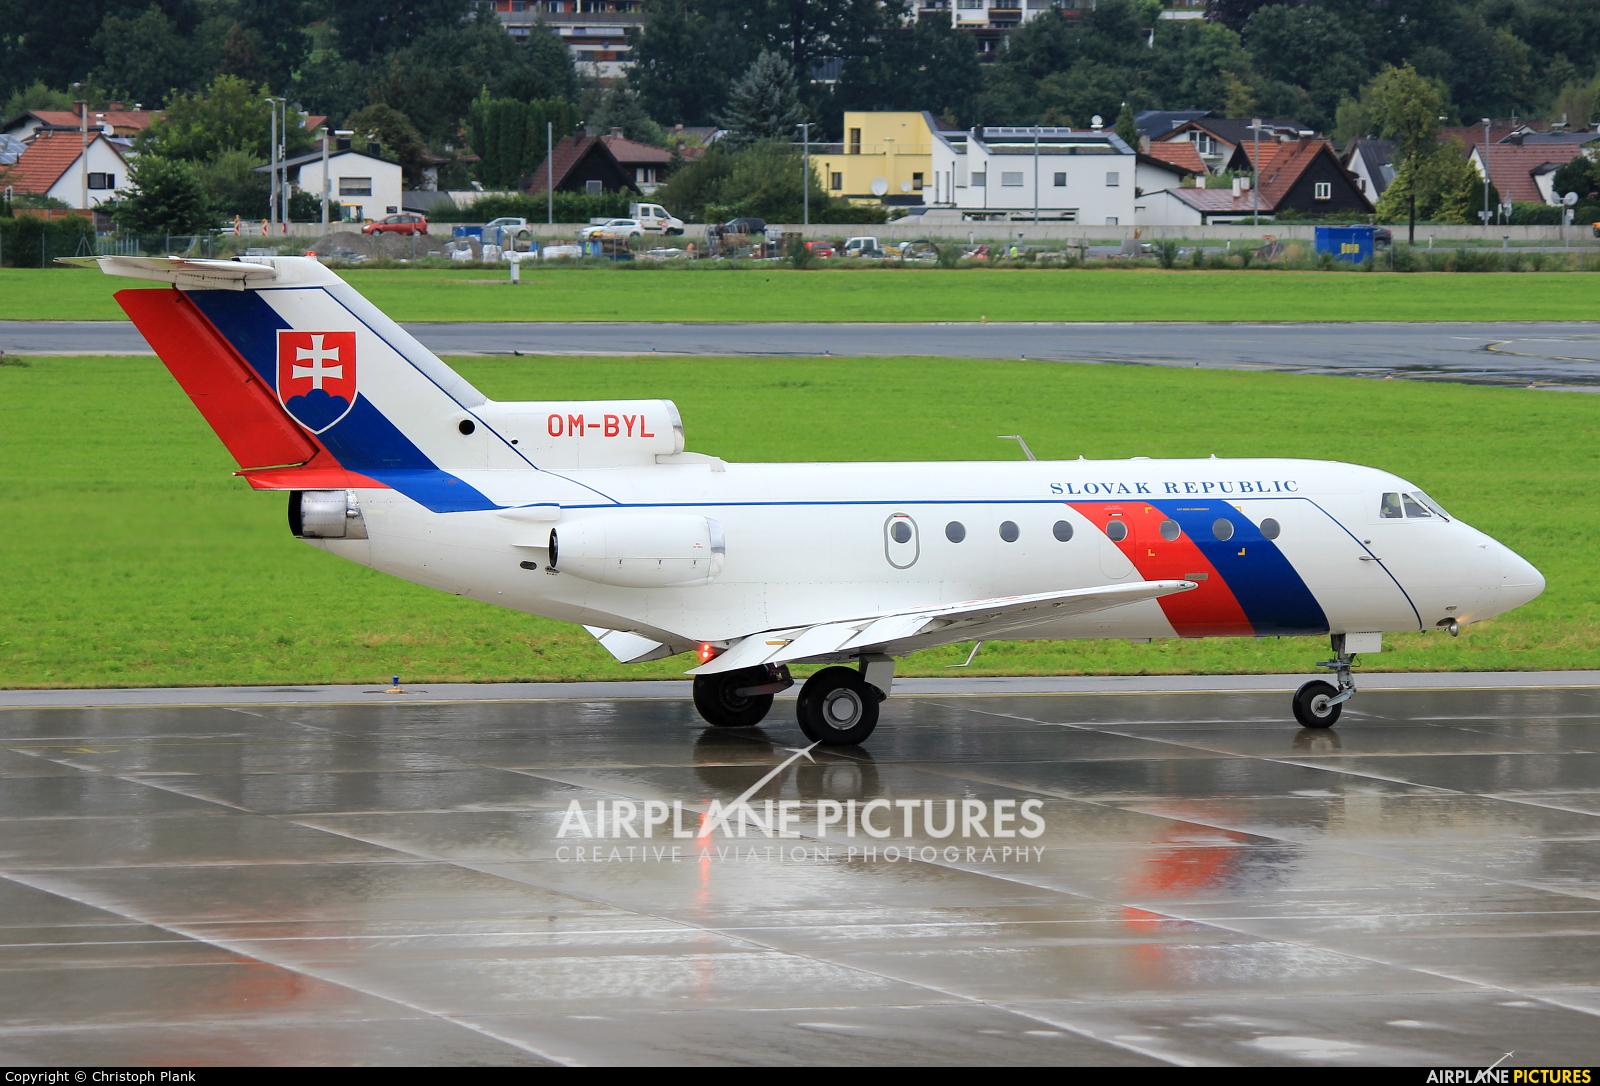 Slovakia - Government OM-BYL aircraft at Innsbruck